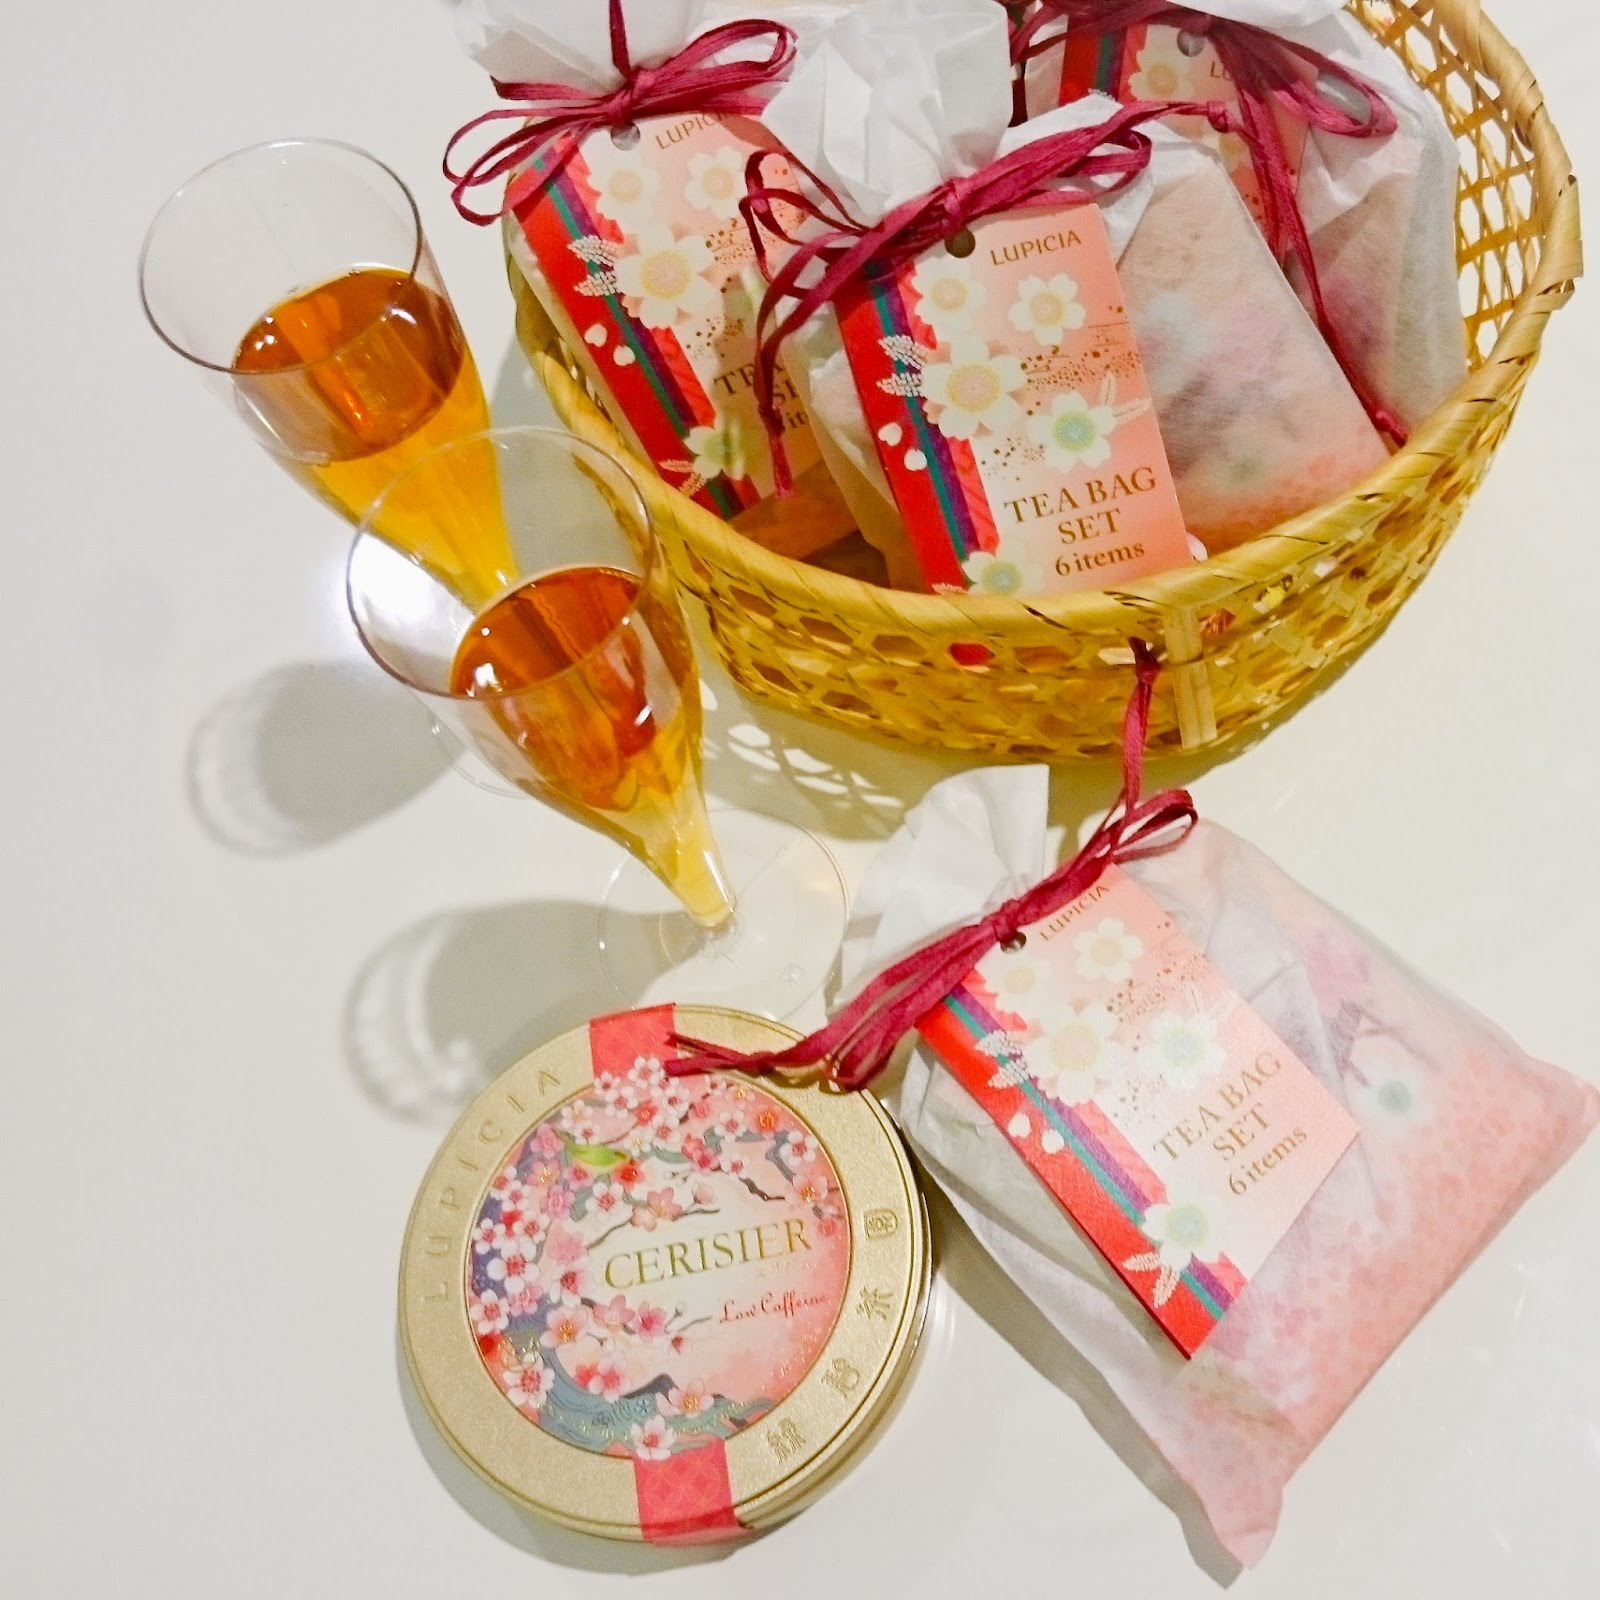 Cerisier Tea